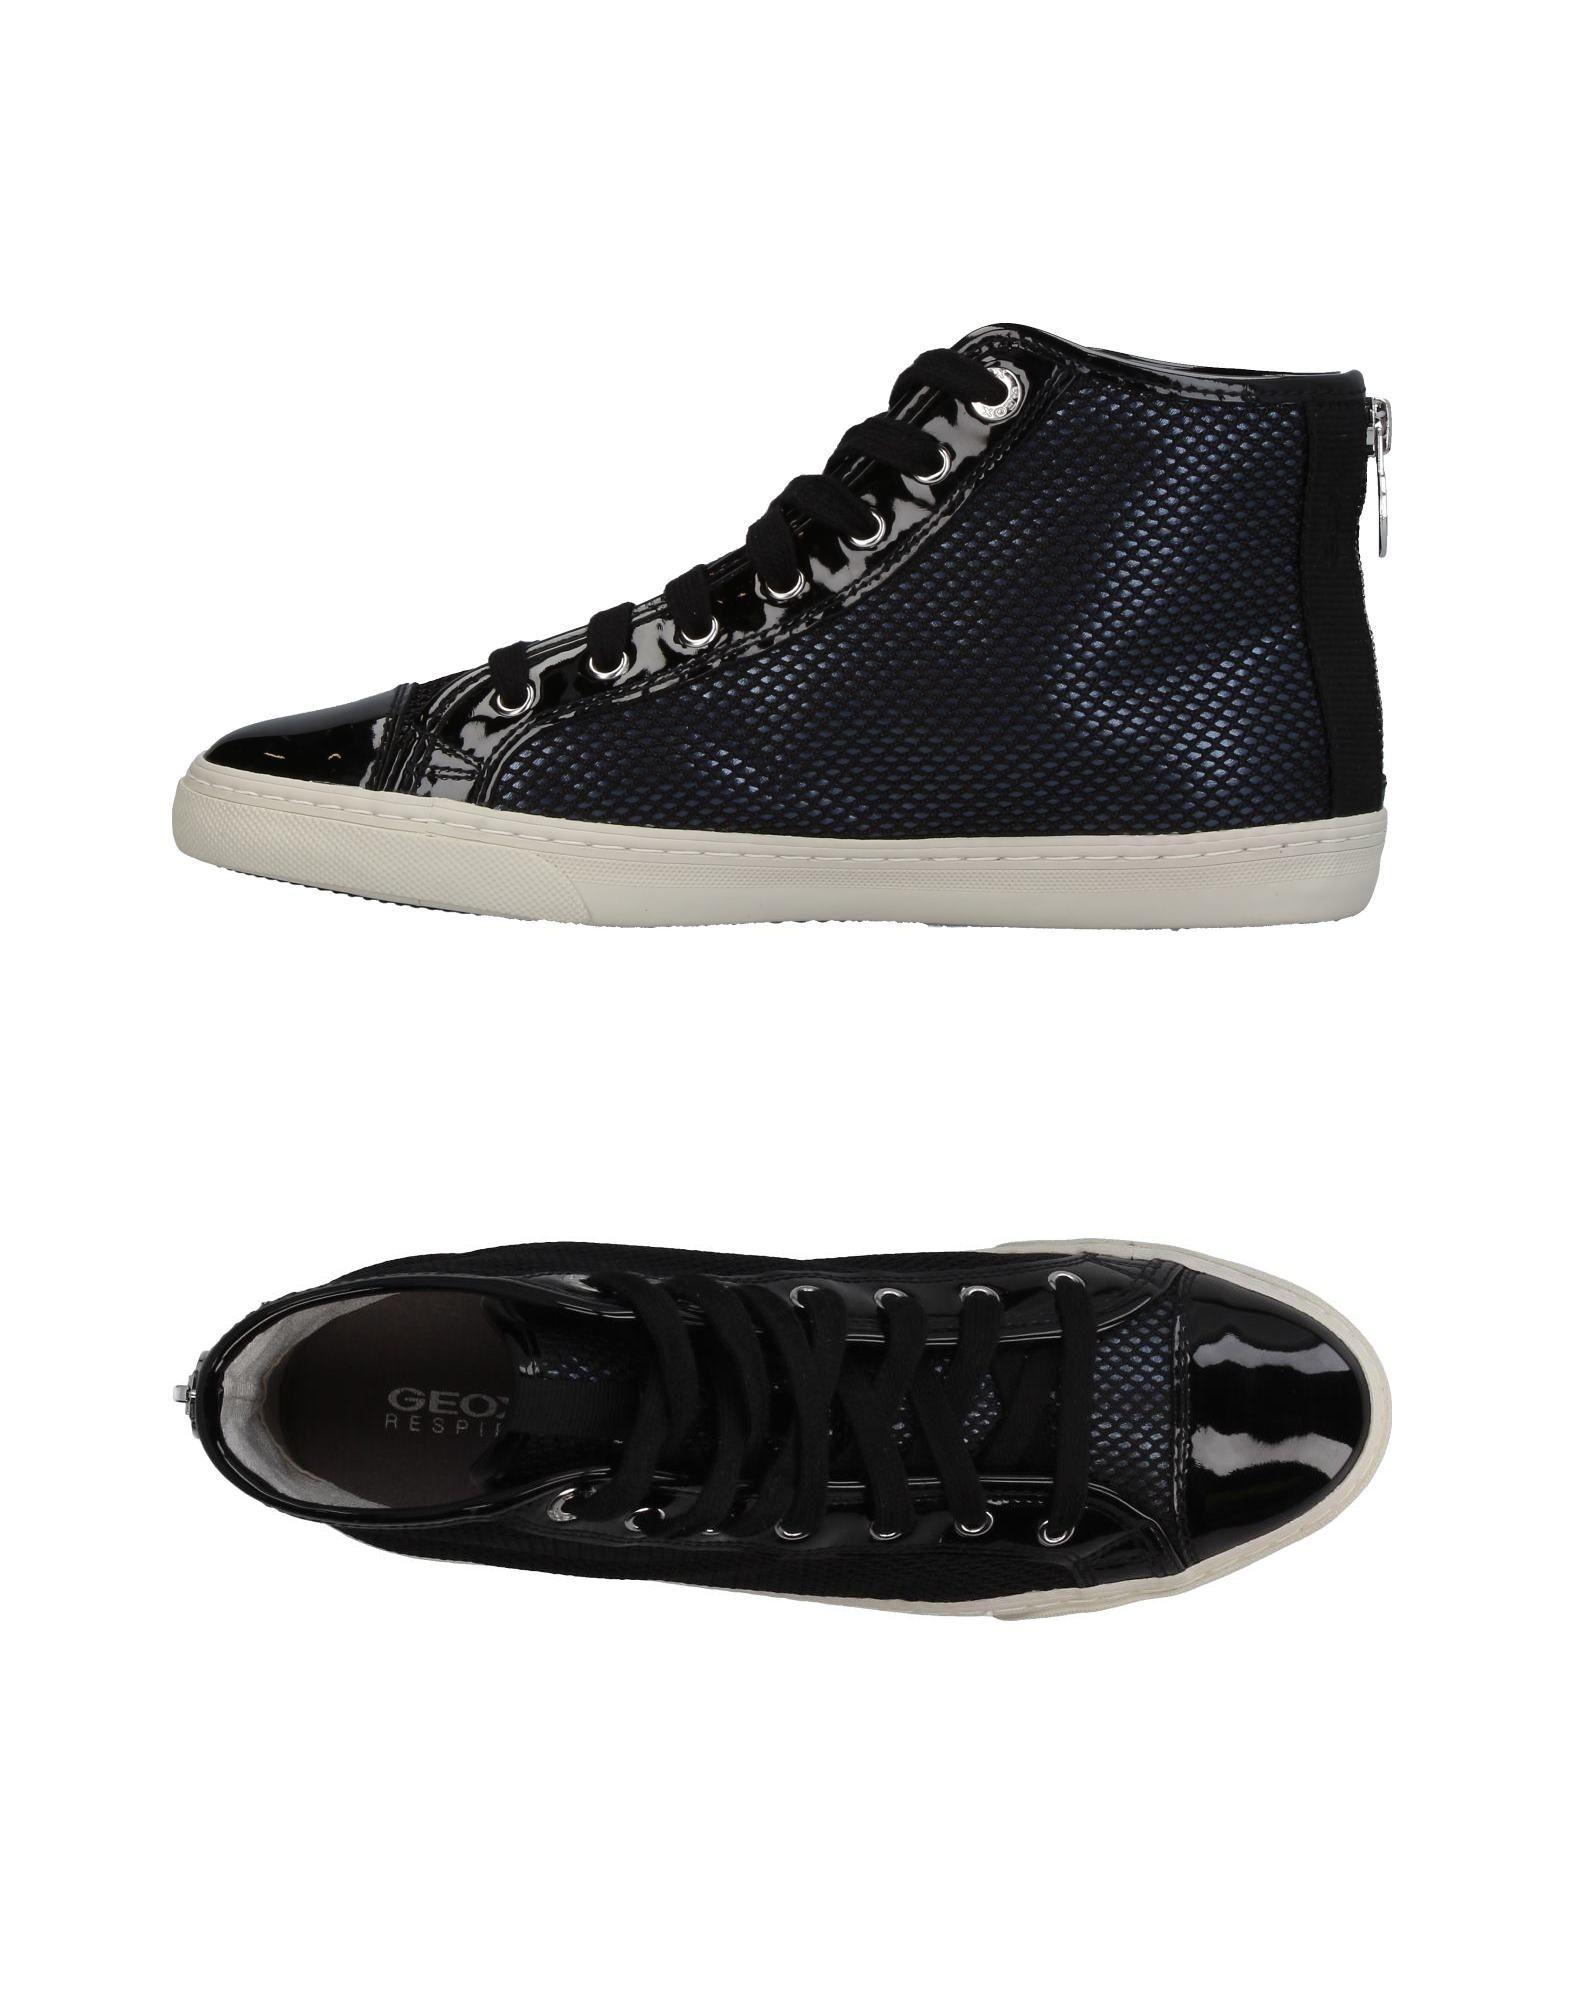 《送料無料》GEOX レディース スニーカー&テニスシューズ(ハイカット) ブラック 35 革 / 紡績繊維